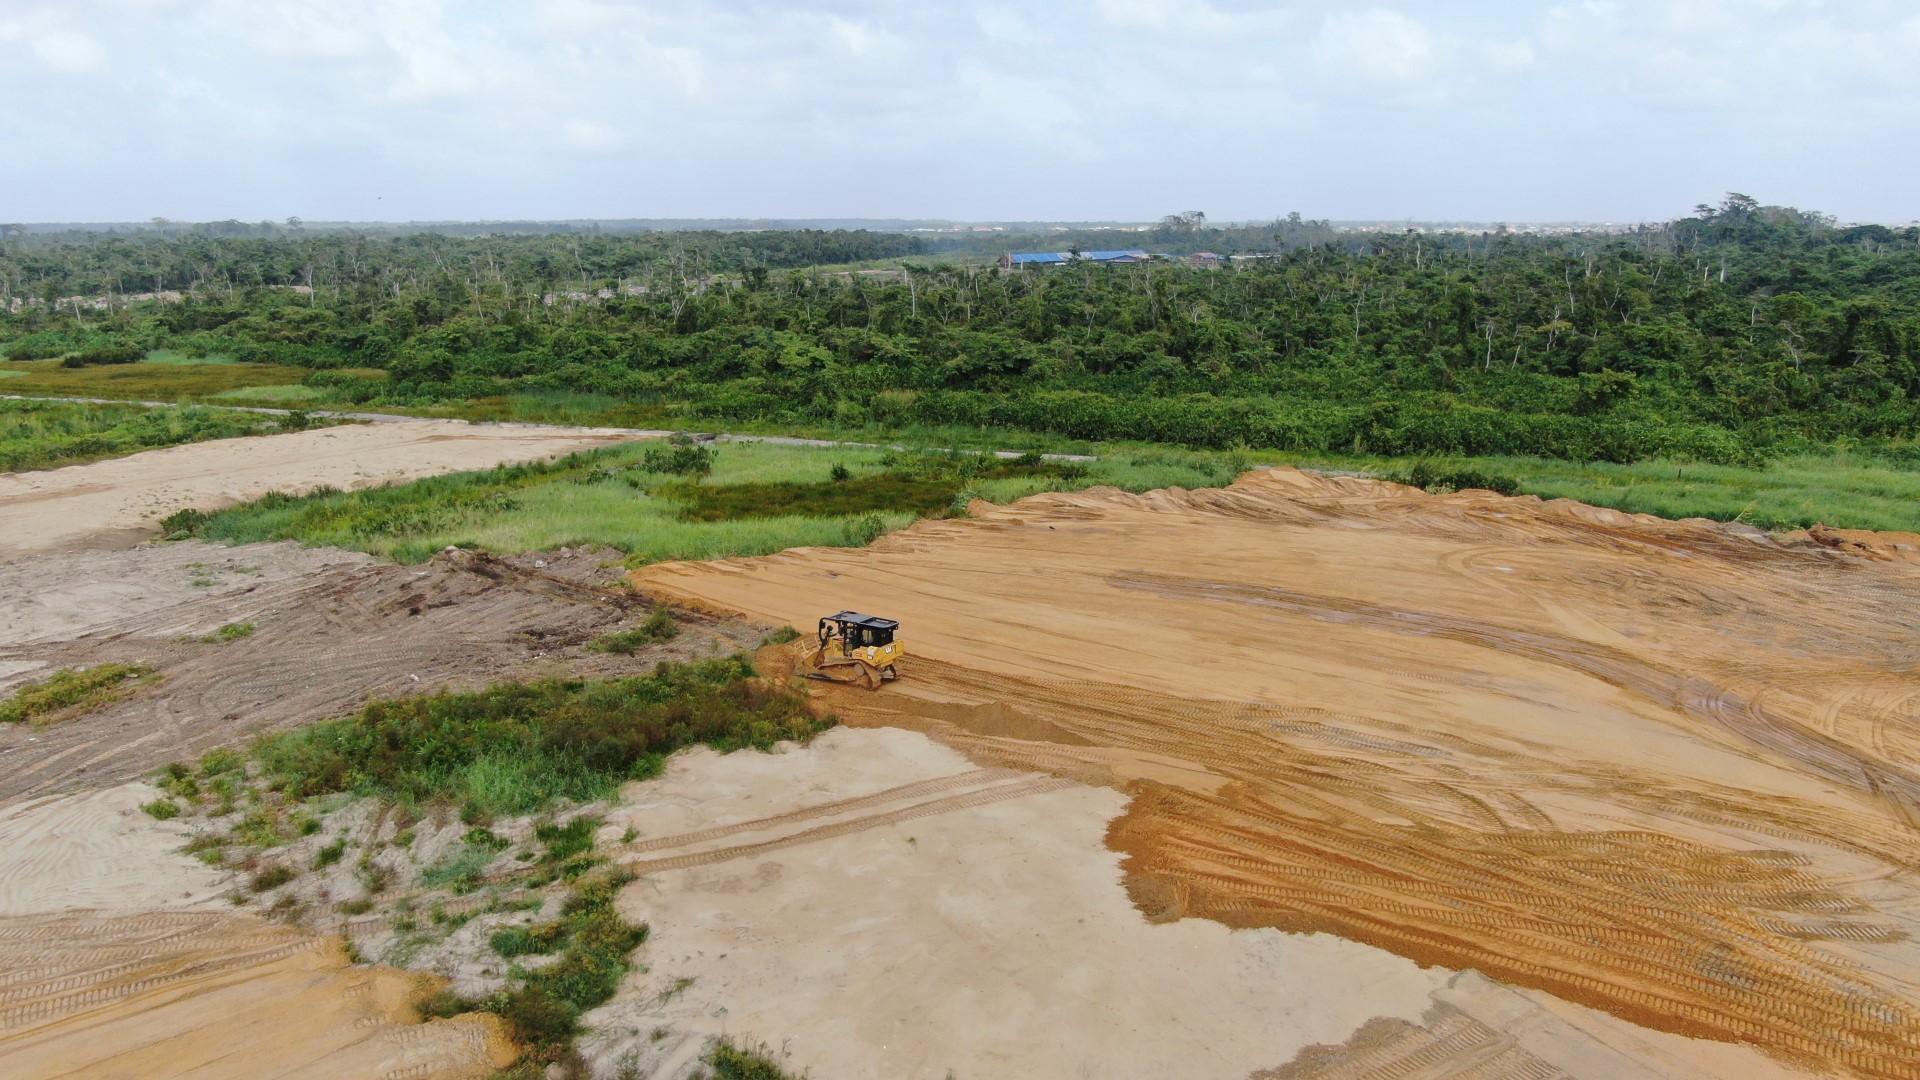 Grondzaken Nader Belicht – Deel 1 - De grootste vastgoedhandelaar - de Staat Suriname.